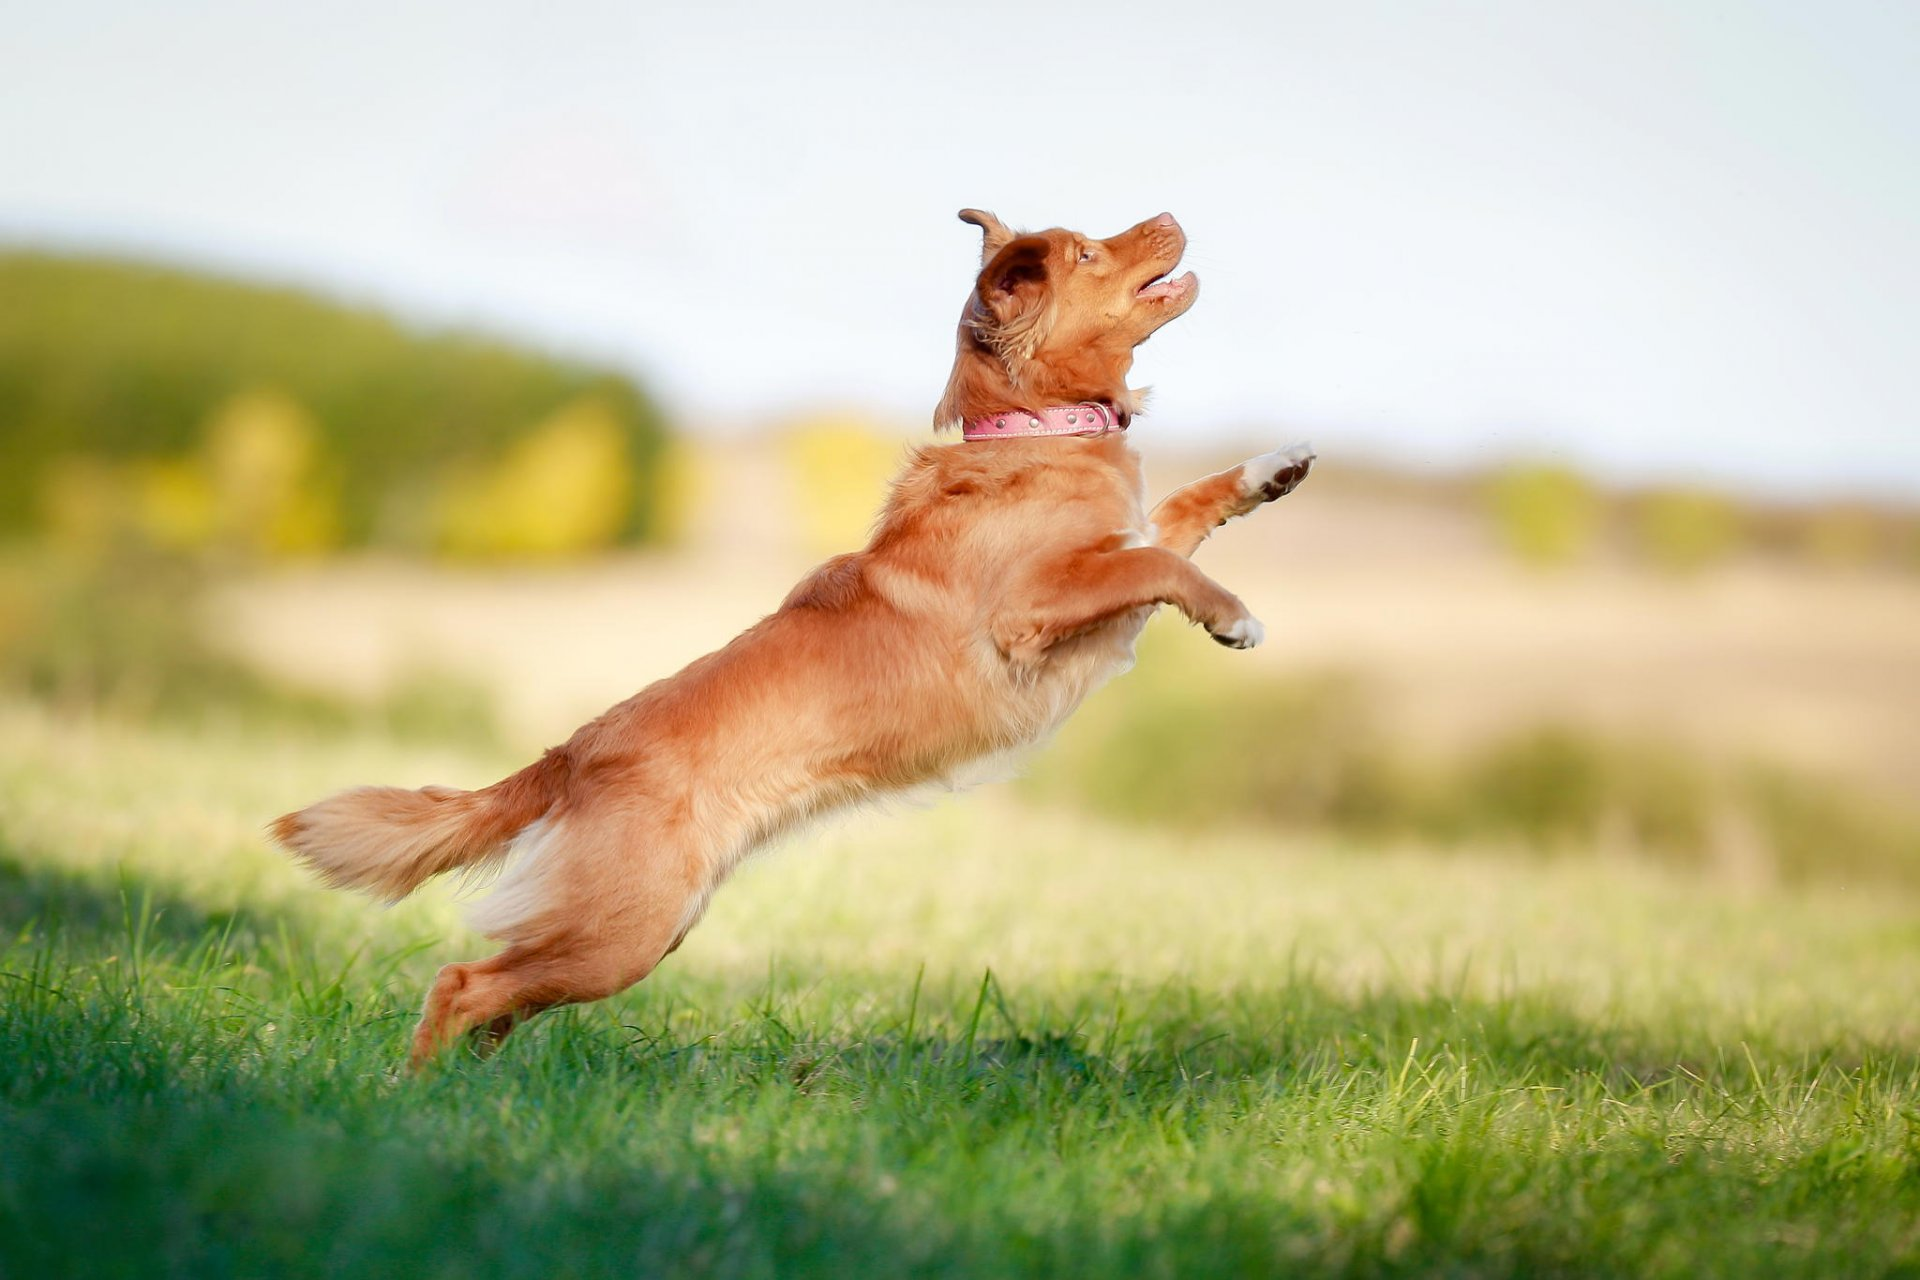 картинки бегущей собаки с боку дом большой